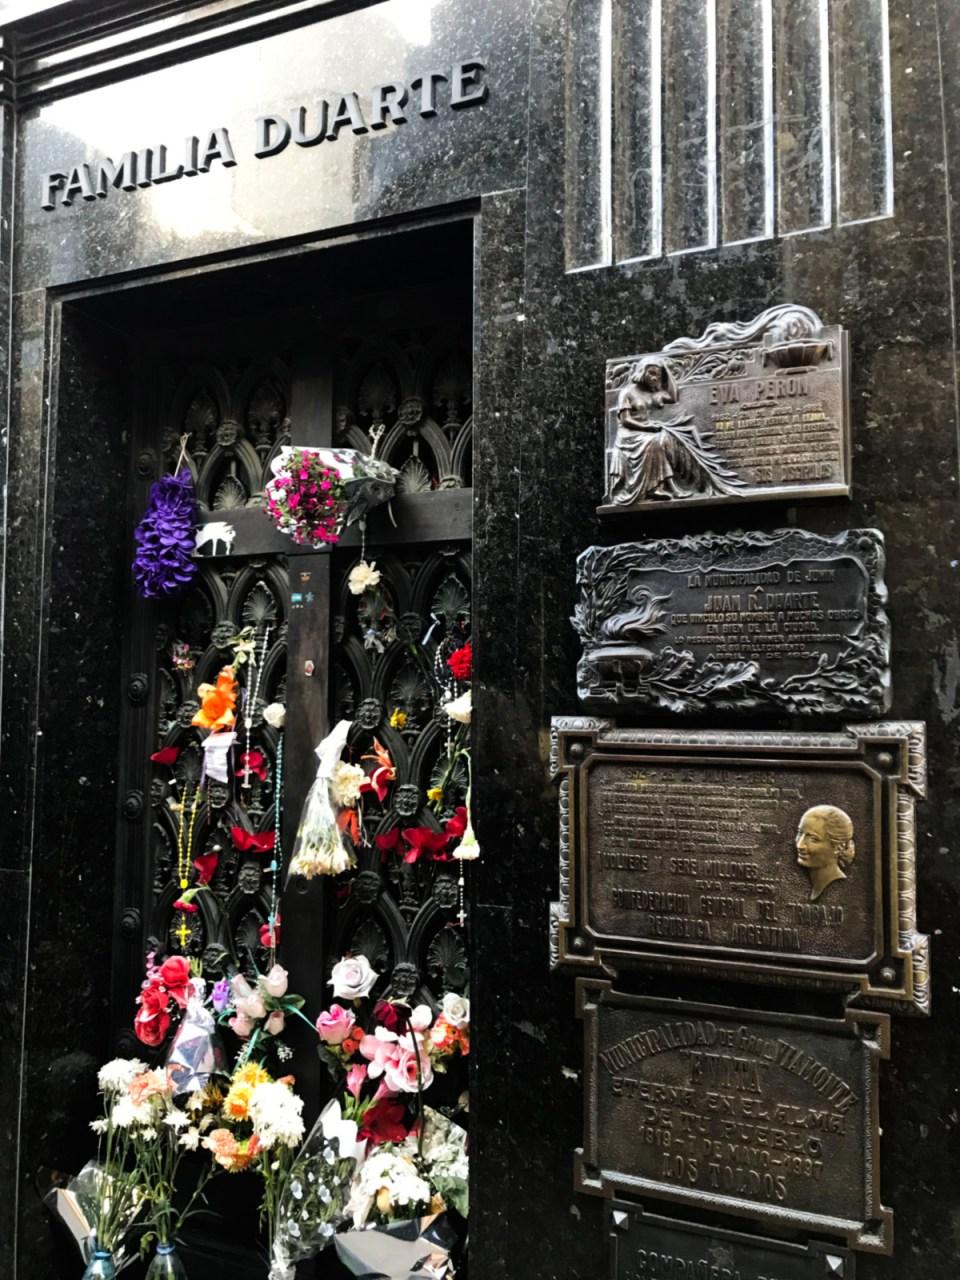 Cemitério da Recoleta túmulo da família Duarte - e Evita Perón